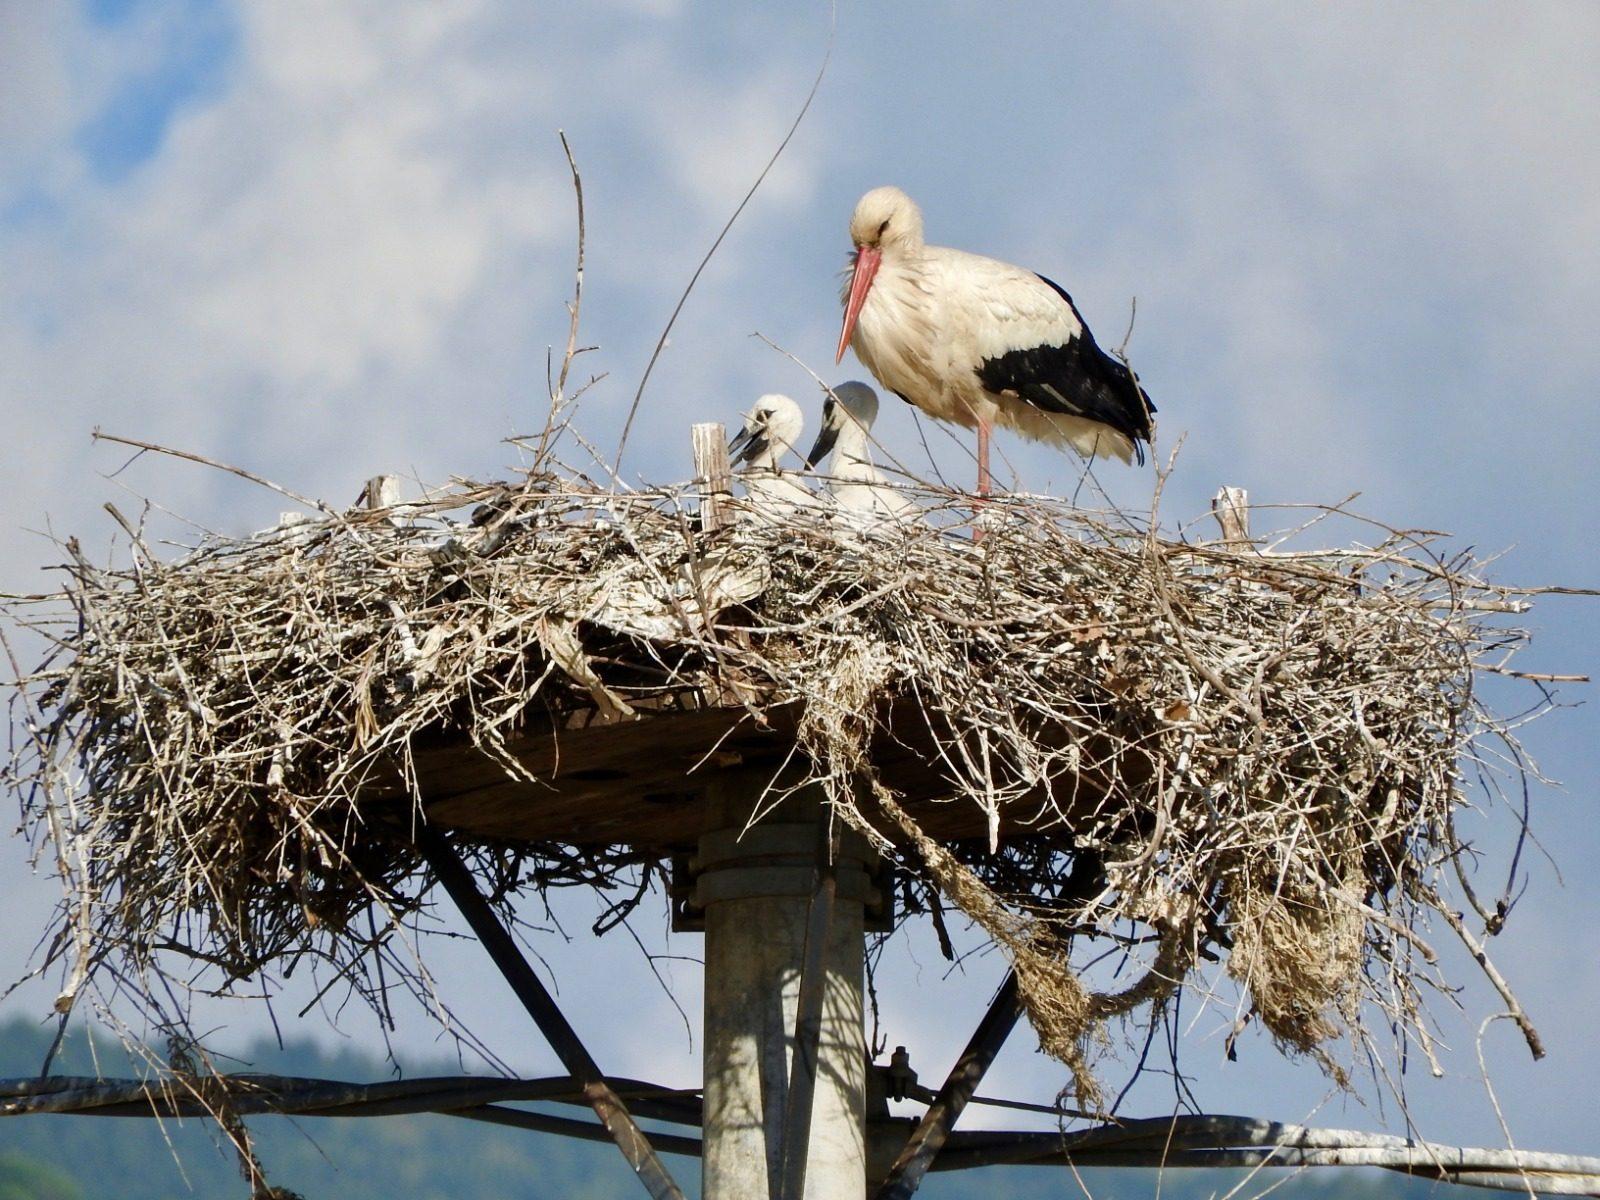 Un nido con due piccoli e un genitore costruito su un traliccio (credits:RobertoSantopaolo)